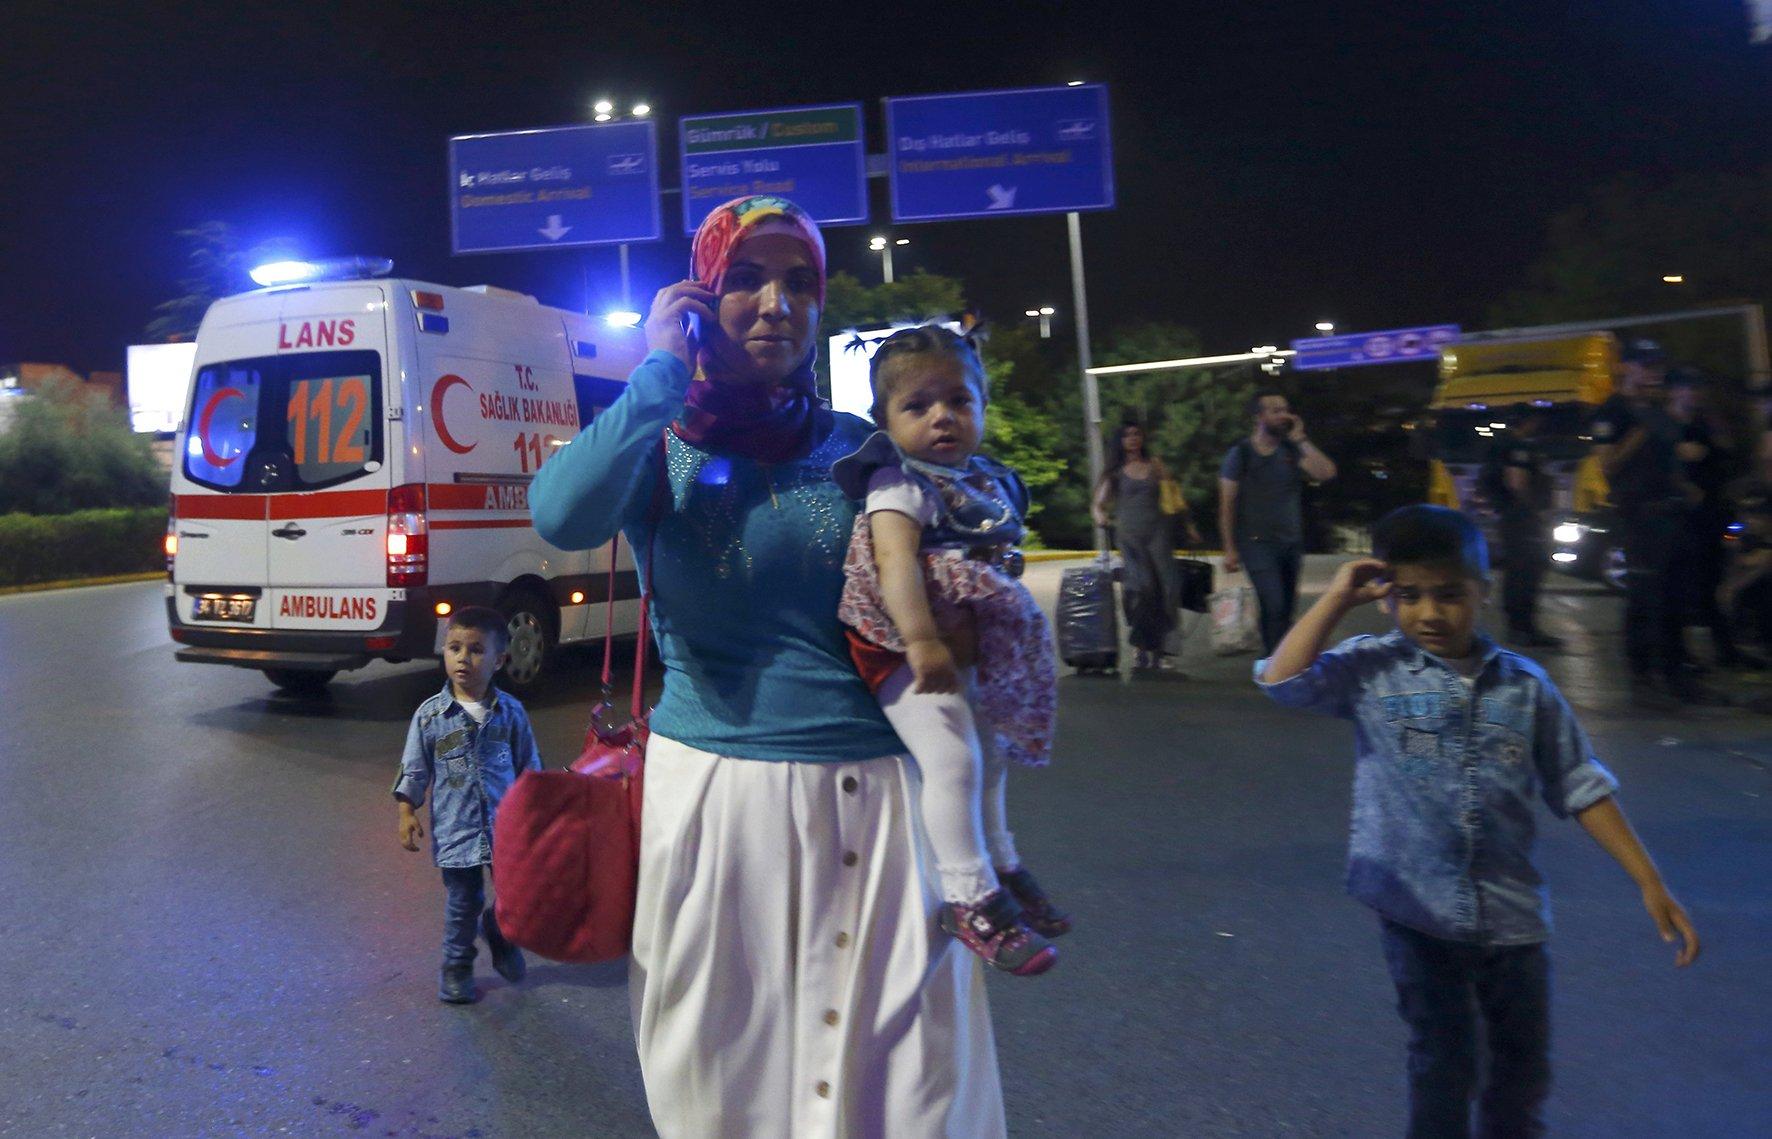 В результате двух взрывов в аэропорту Стамбула погибло 36 человек